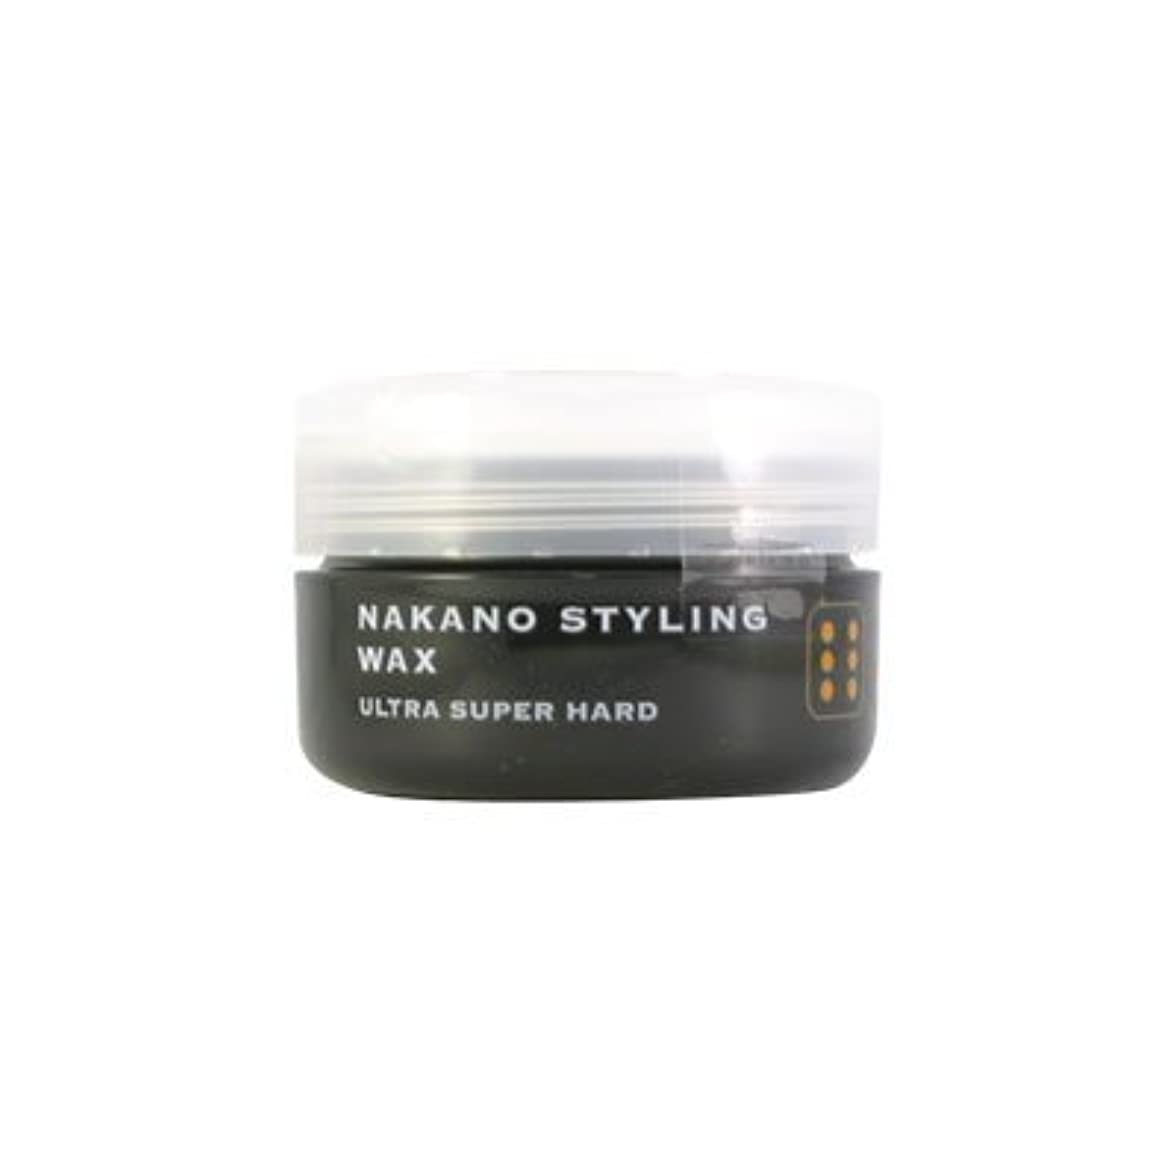 ウォルターカニンガムセッション不愉快ナカノ スタイリングワックス 6 ウルトラスーパーハード 90g 中野製薬 NAKANO